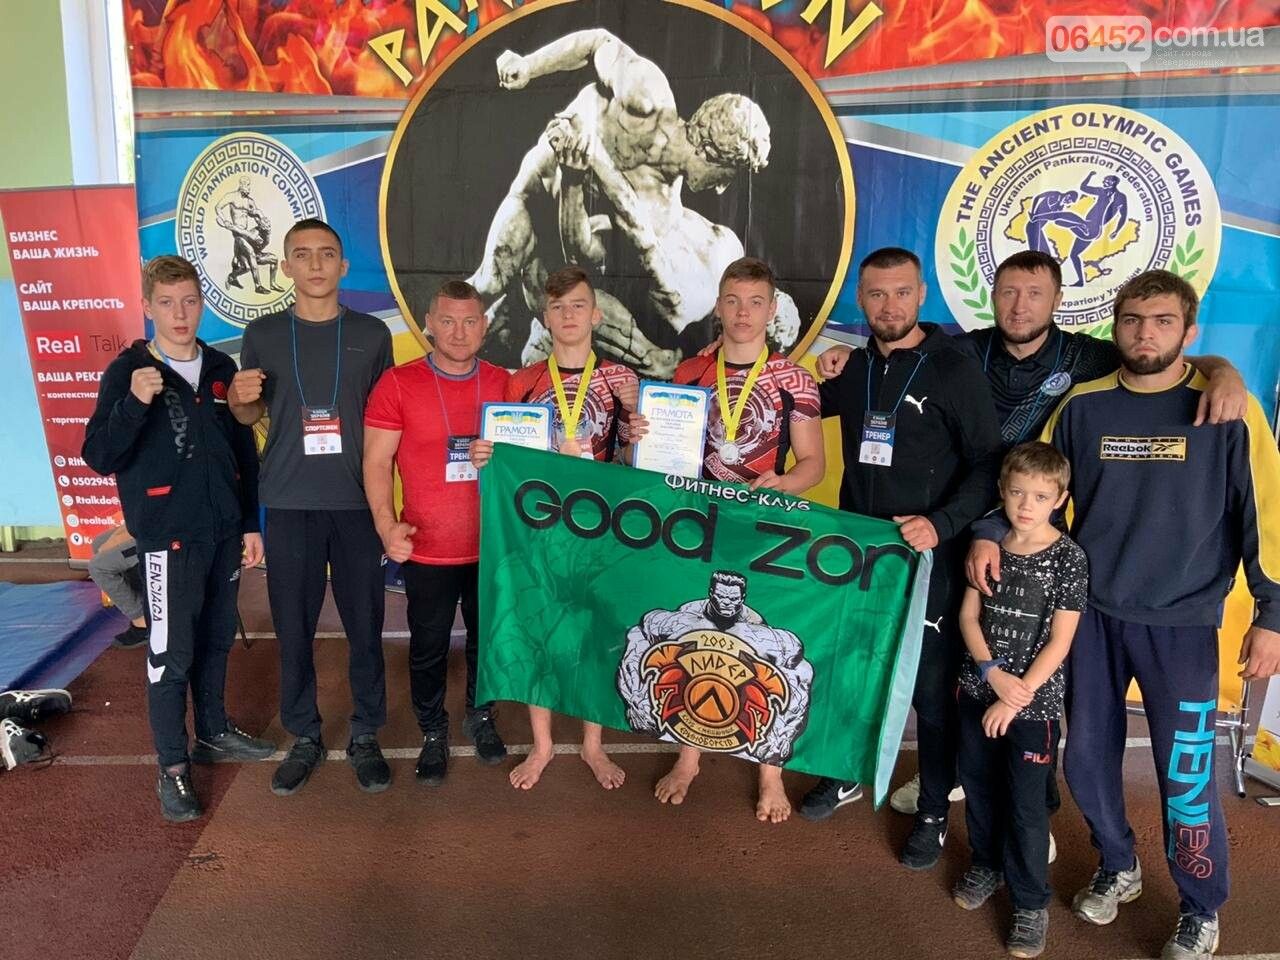 Северодончане завоевали 8 медалей на Чемпионате Украины по грэпплингу и панкратиону, фото-4